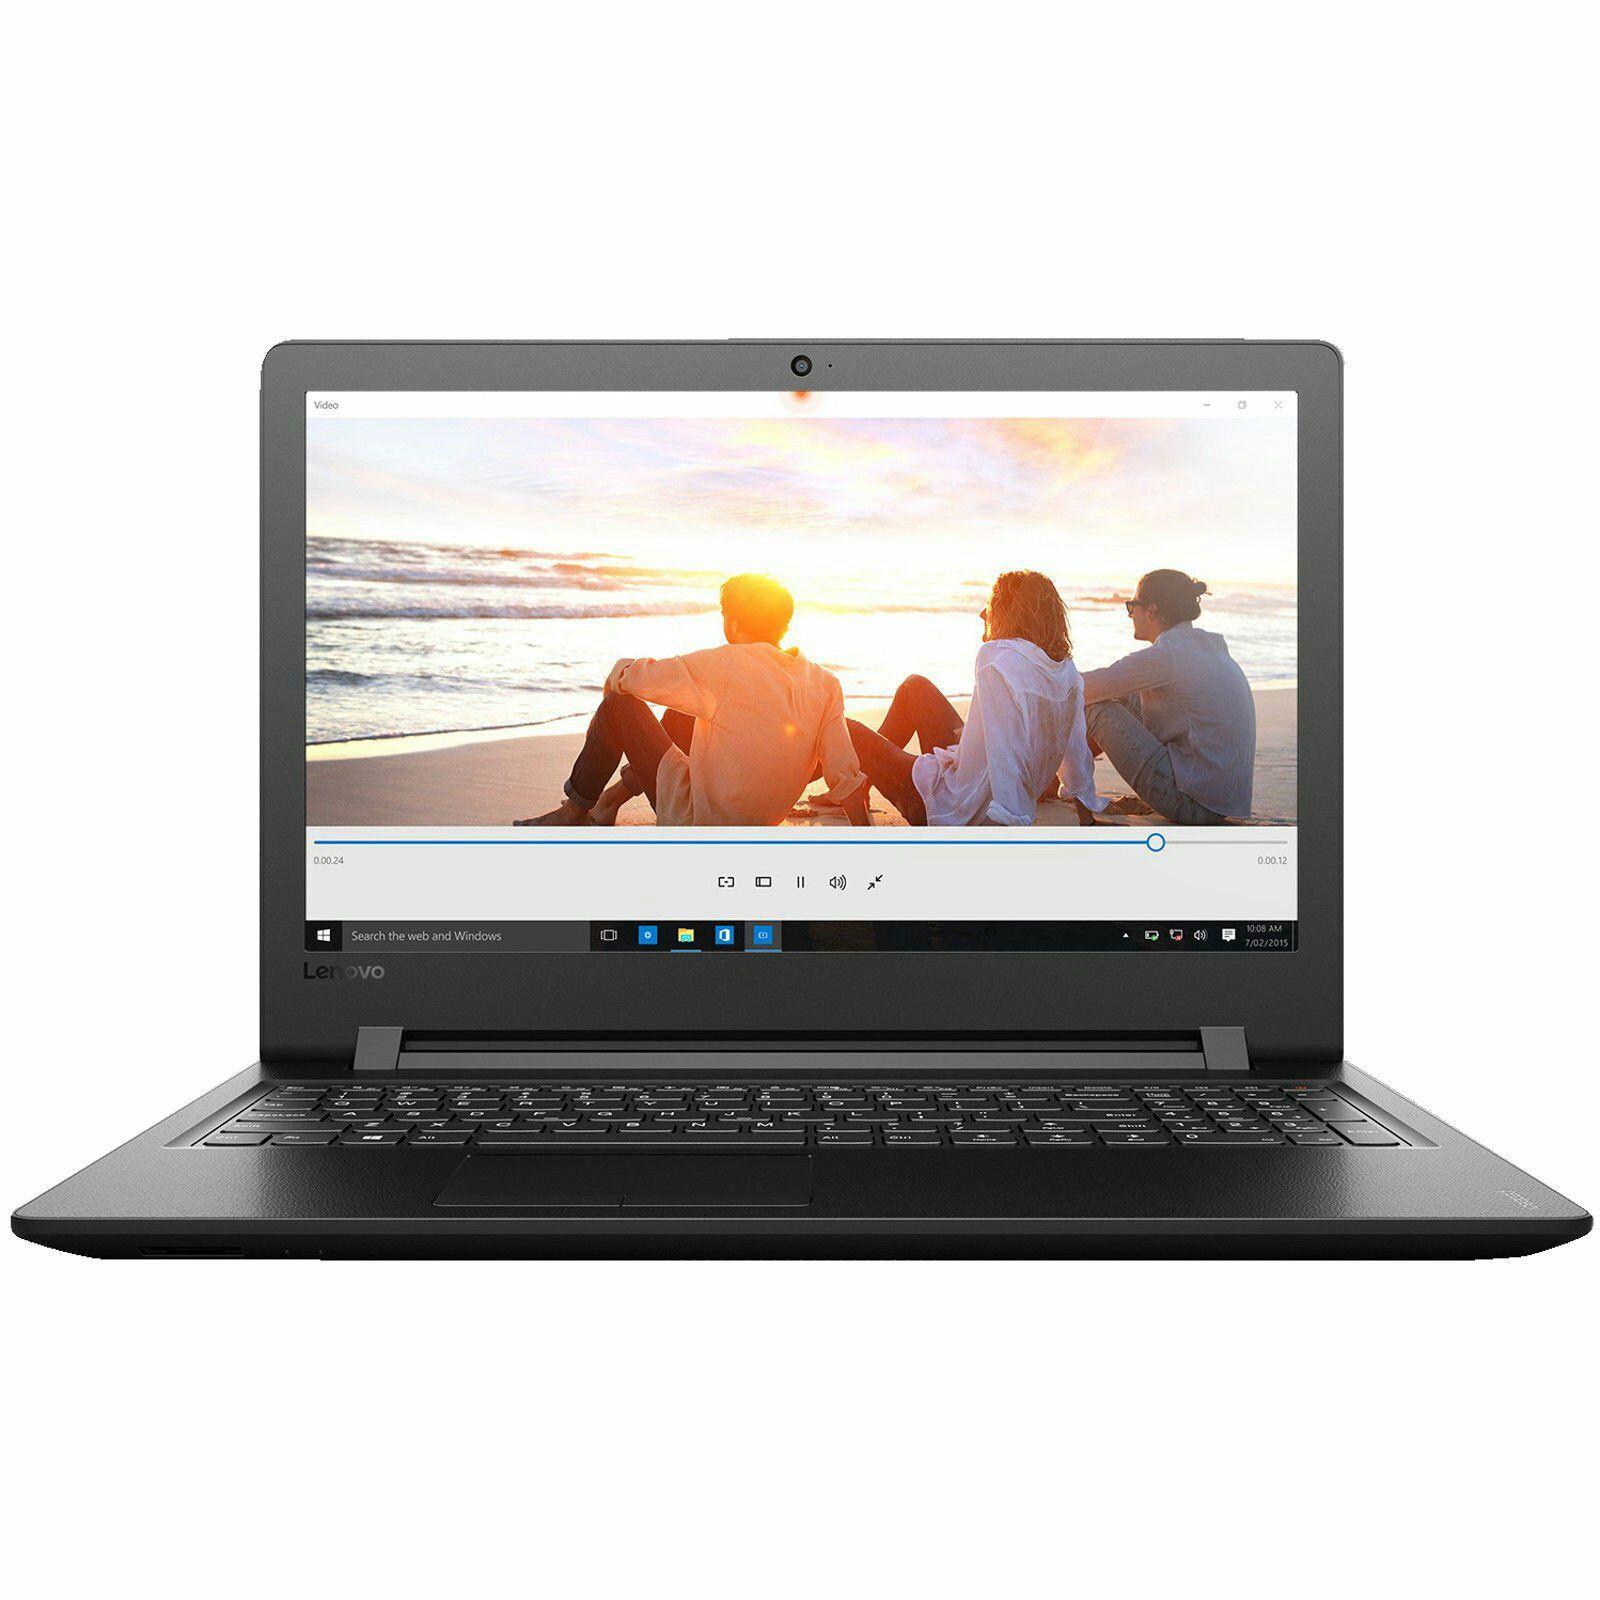 """Notebook 15.6"""" LENOVO IdeaPad 110 - Full HD, i3-6006U, 1 TB, 4 GB RAM, Intel HD-Grafik 520, Win10"""